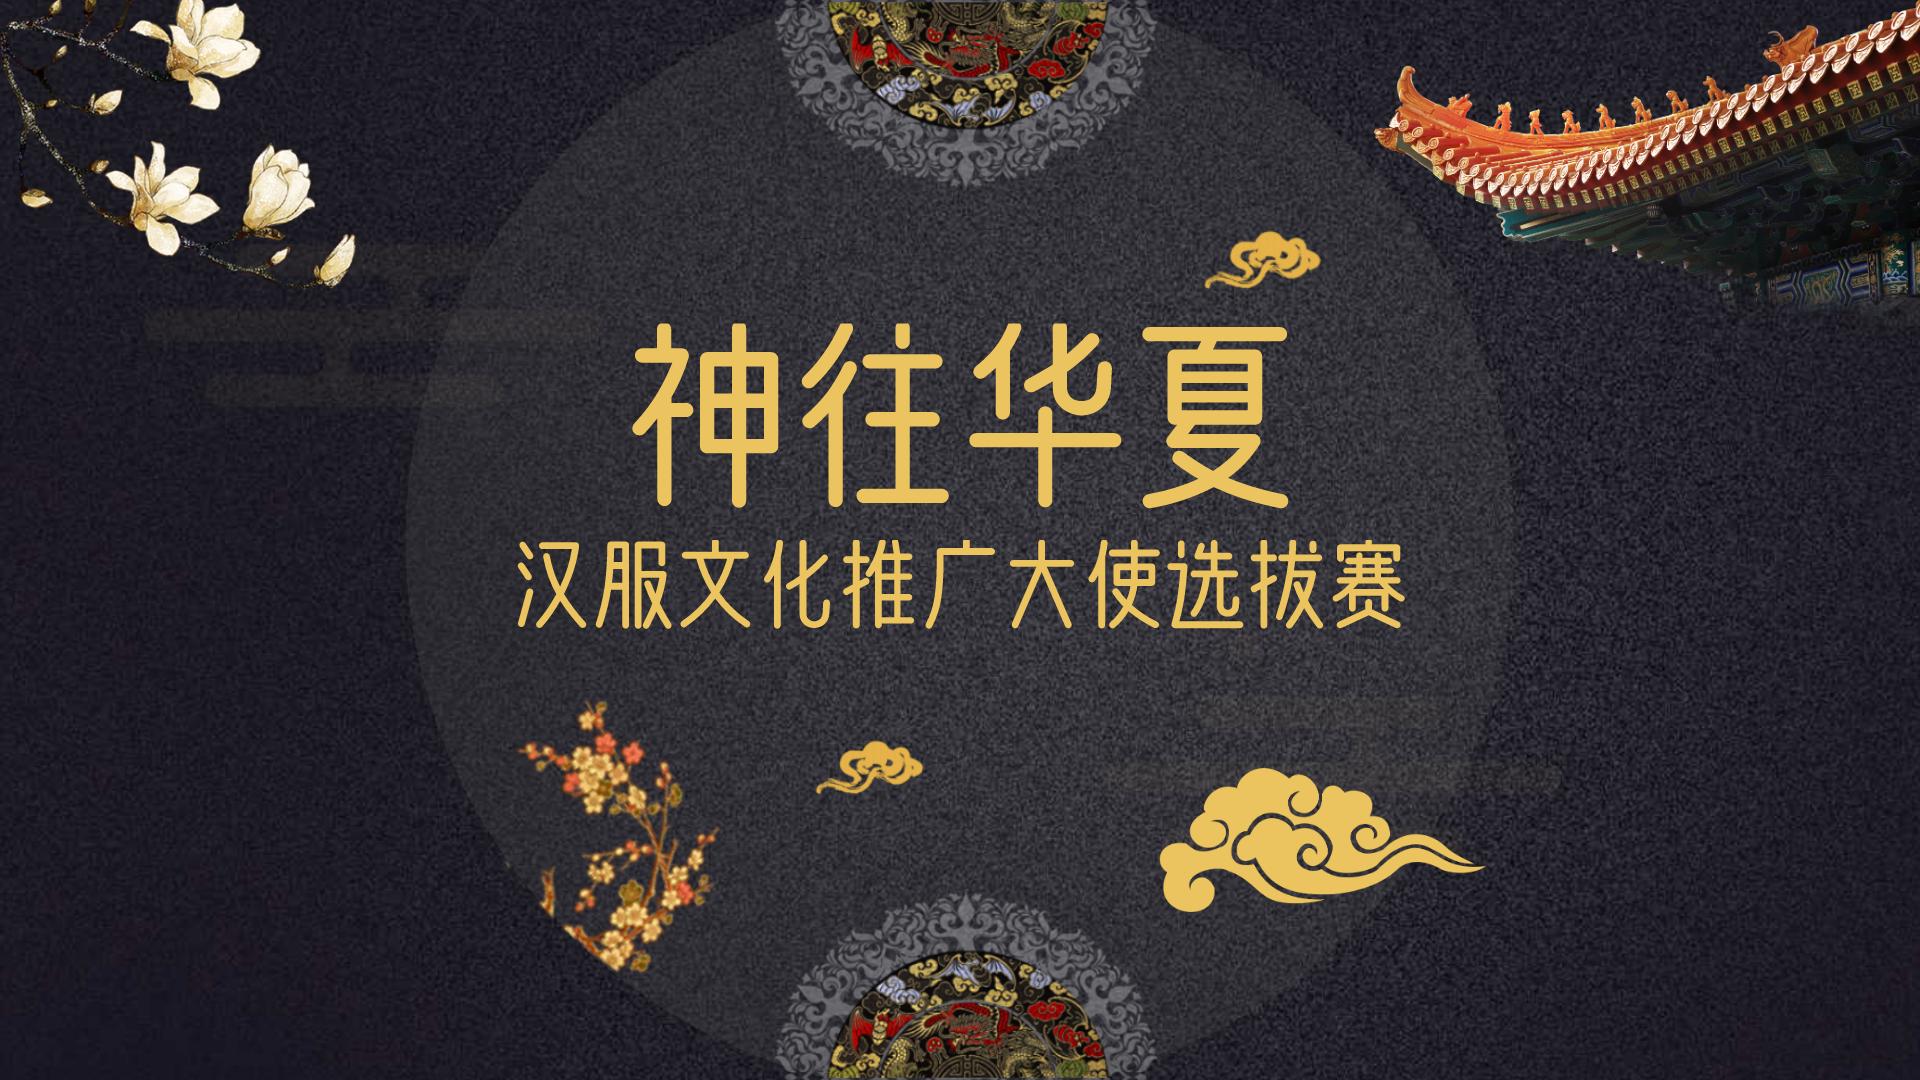 寻找最美代言人:2020·神往华夏汉服文化推广大使选拔赛启动